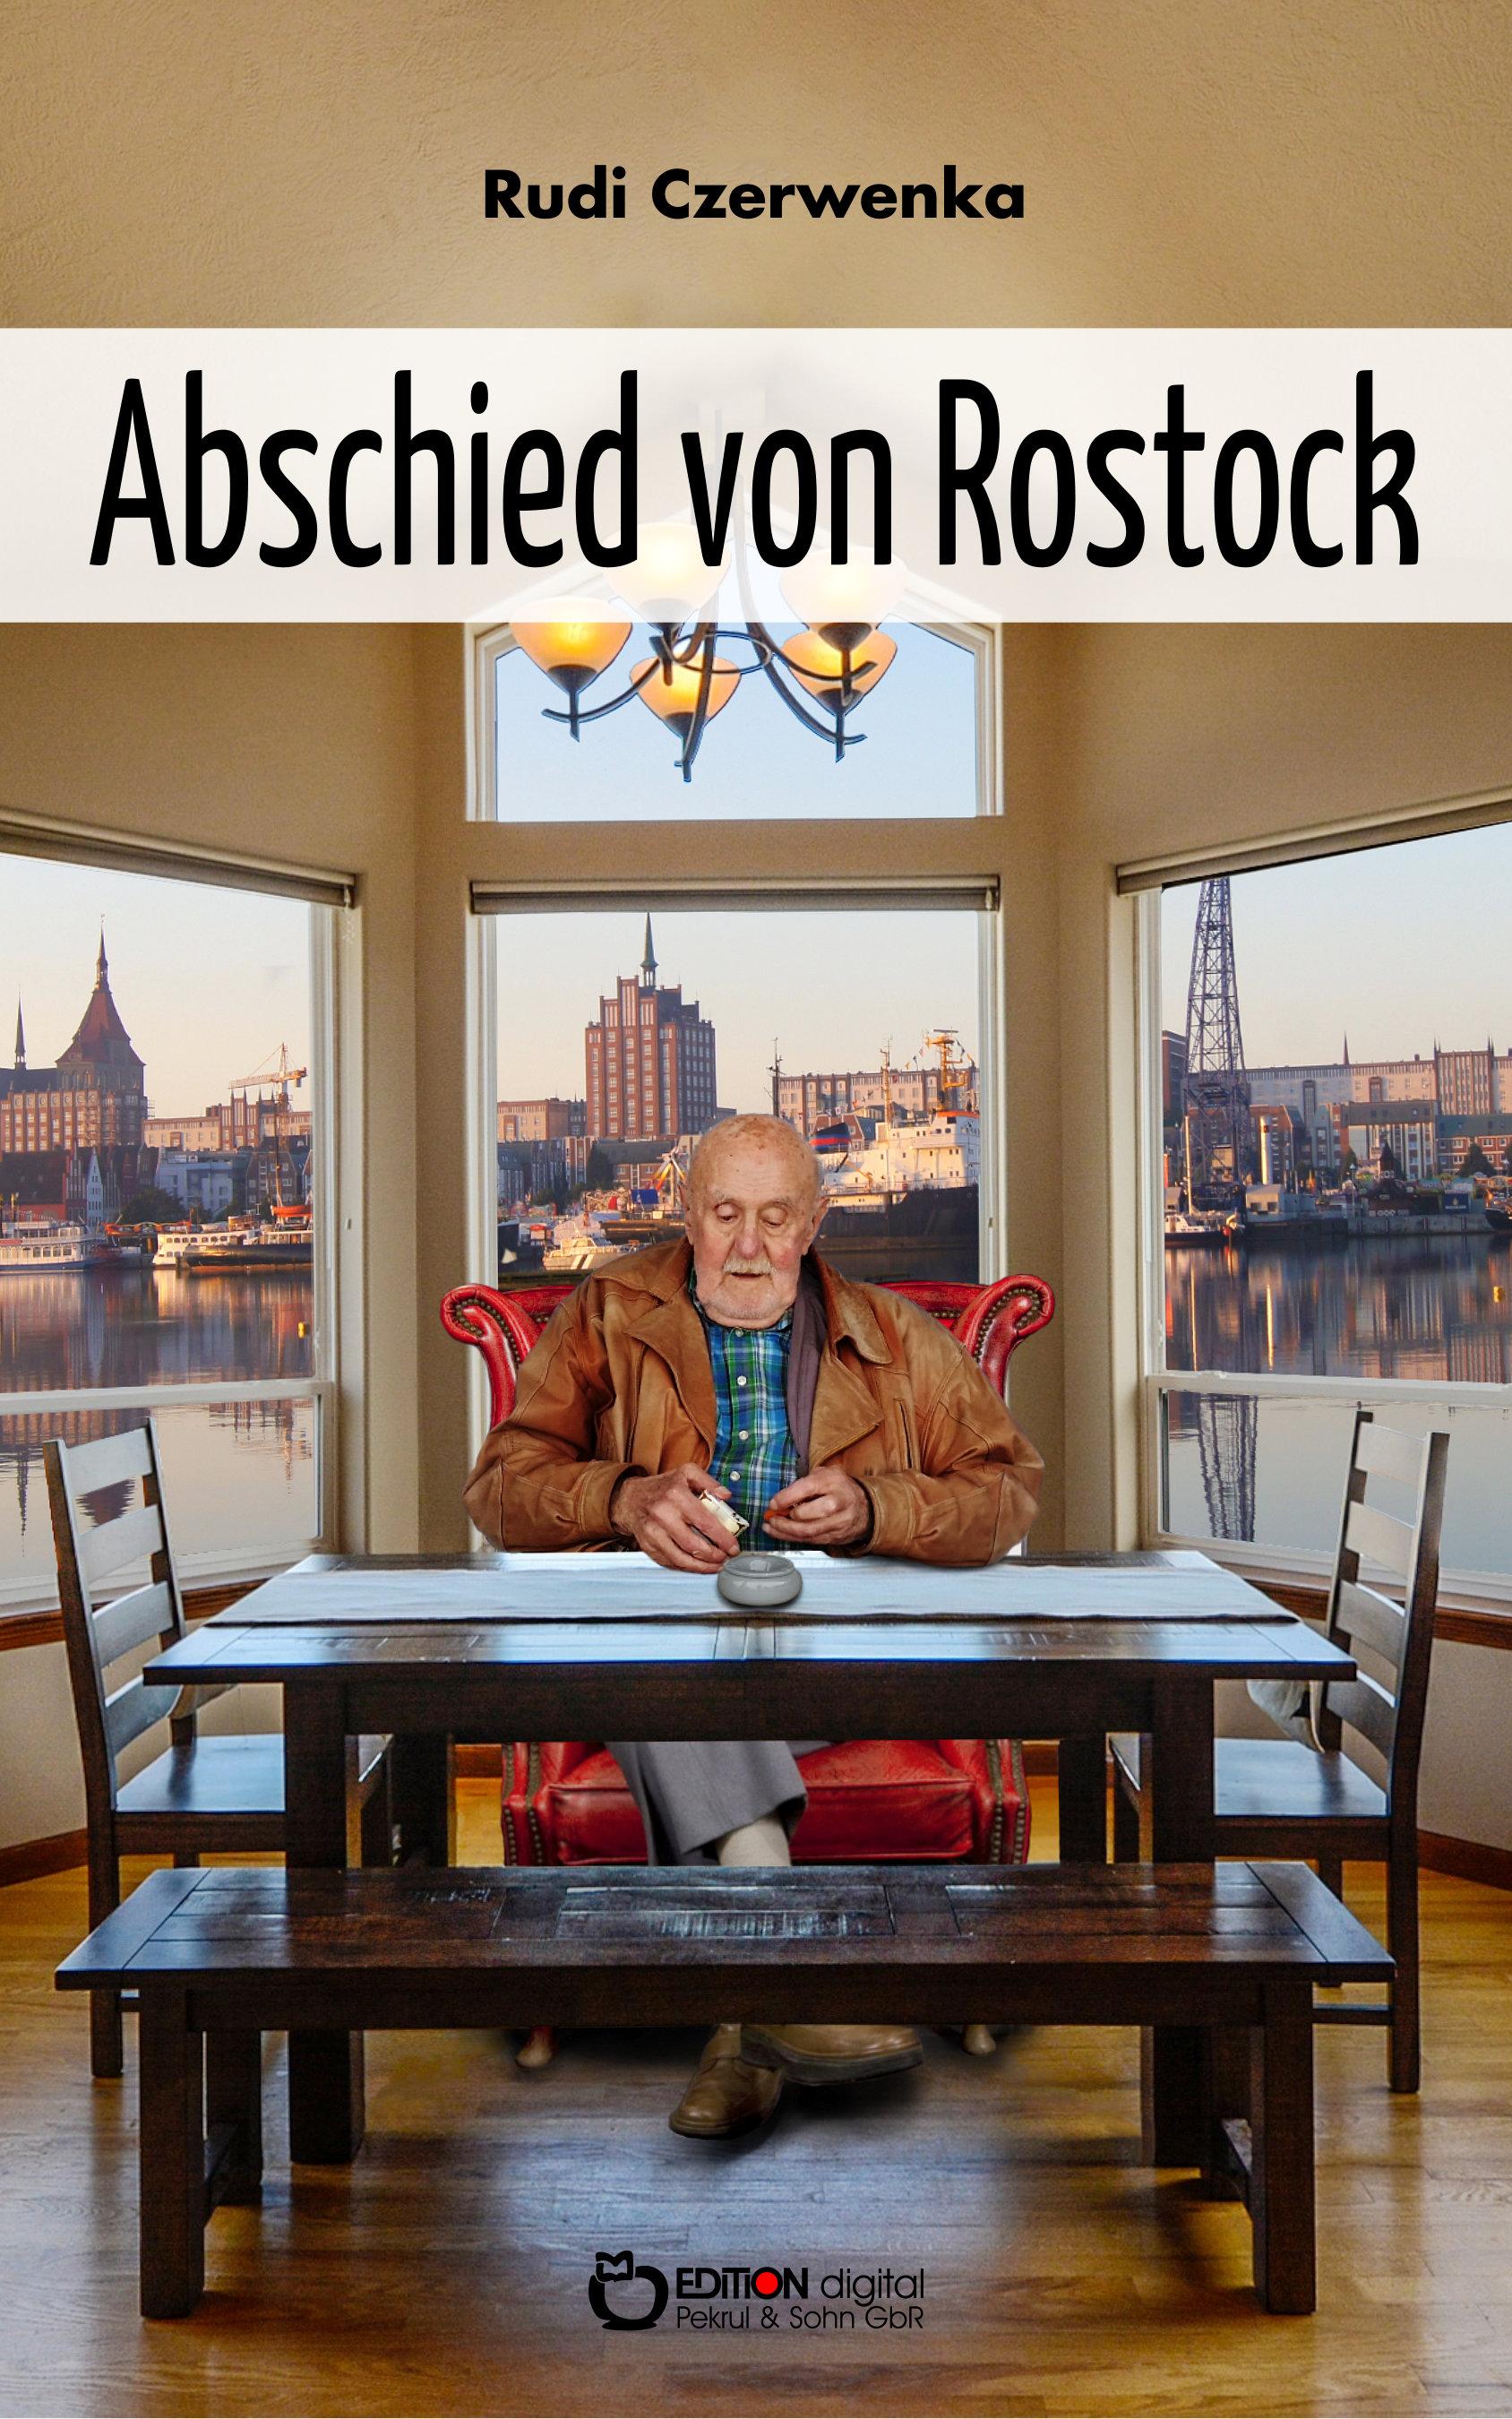 Abschied von Rostock von Rudi Czerwenka